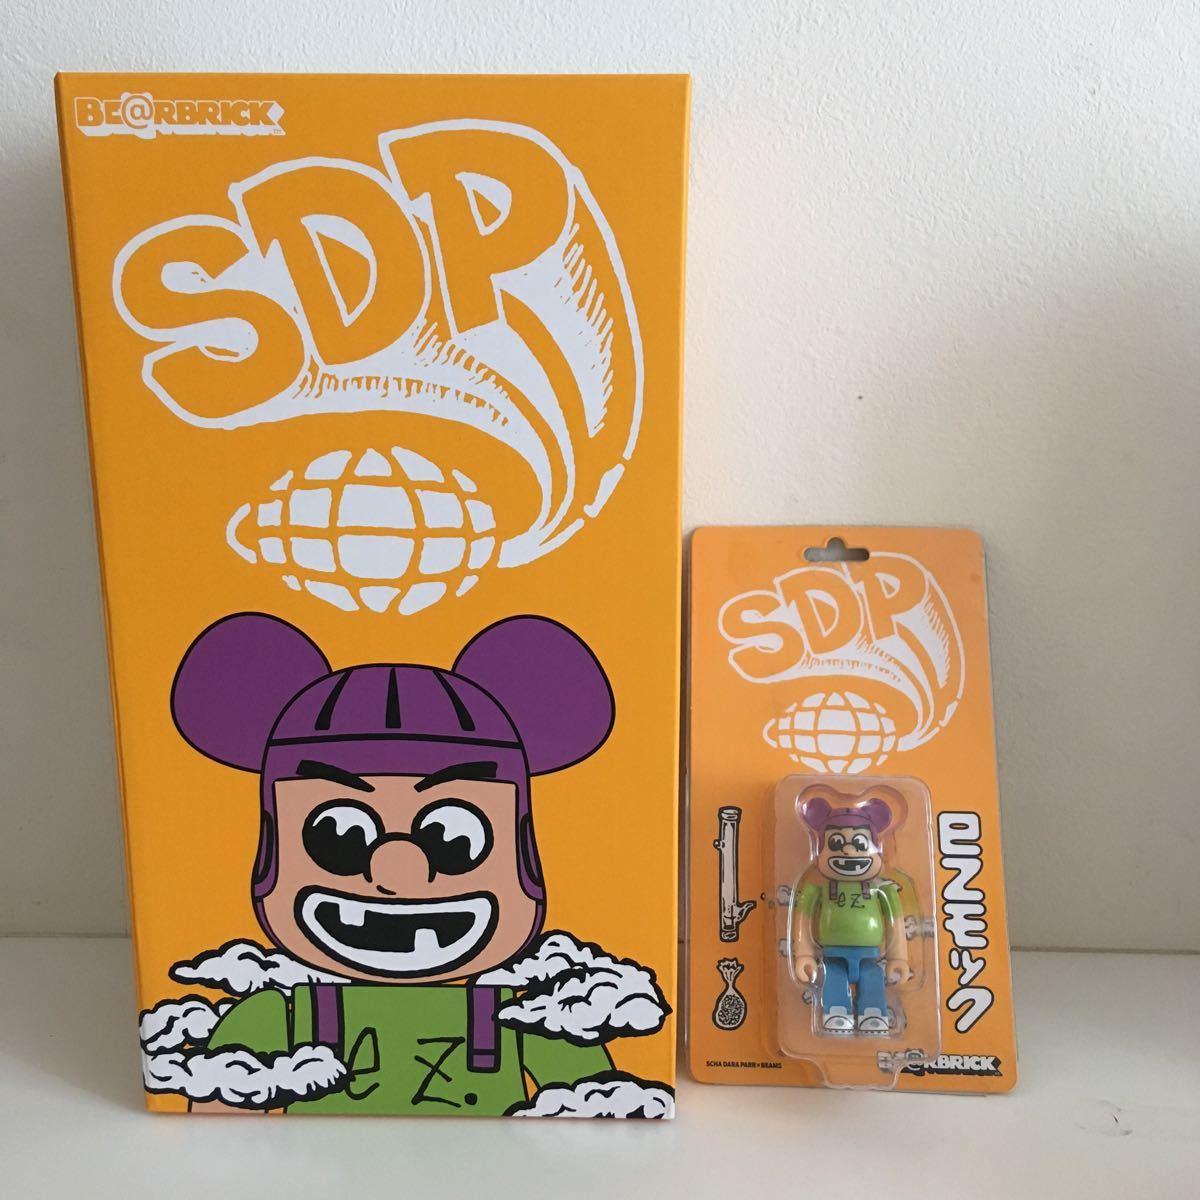 【100% 400%セット】スチャダラパー ベアブリック BEAMS JAPAN ezモック SDP メディコムトイ RSR ライジングサン BOSE ANI SHINCO